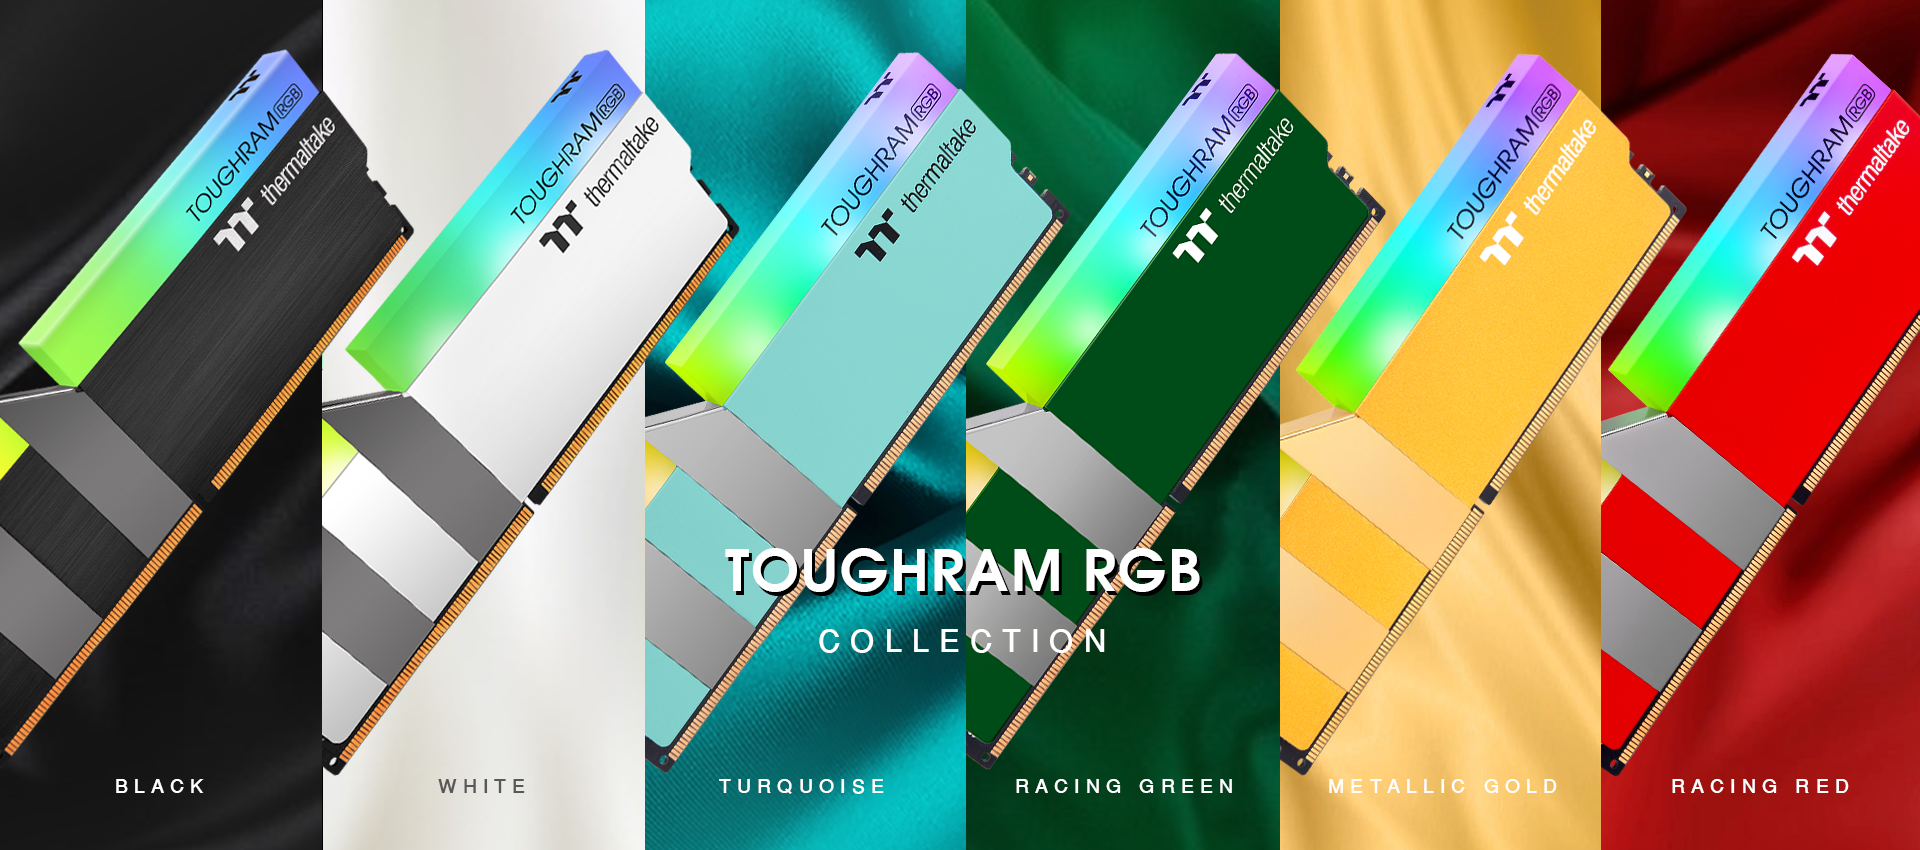 toughram-rgb-memory